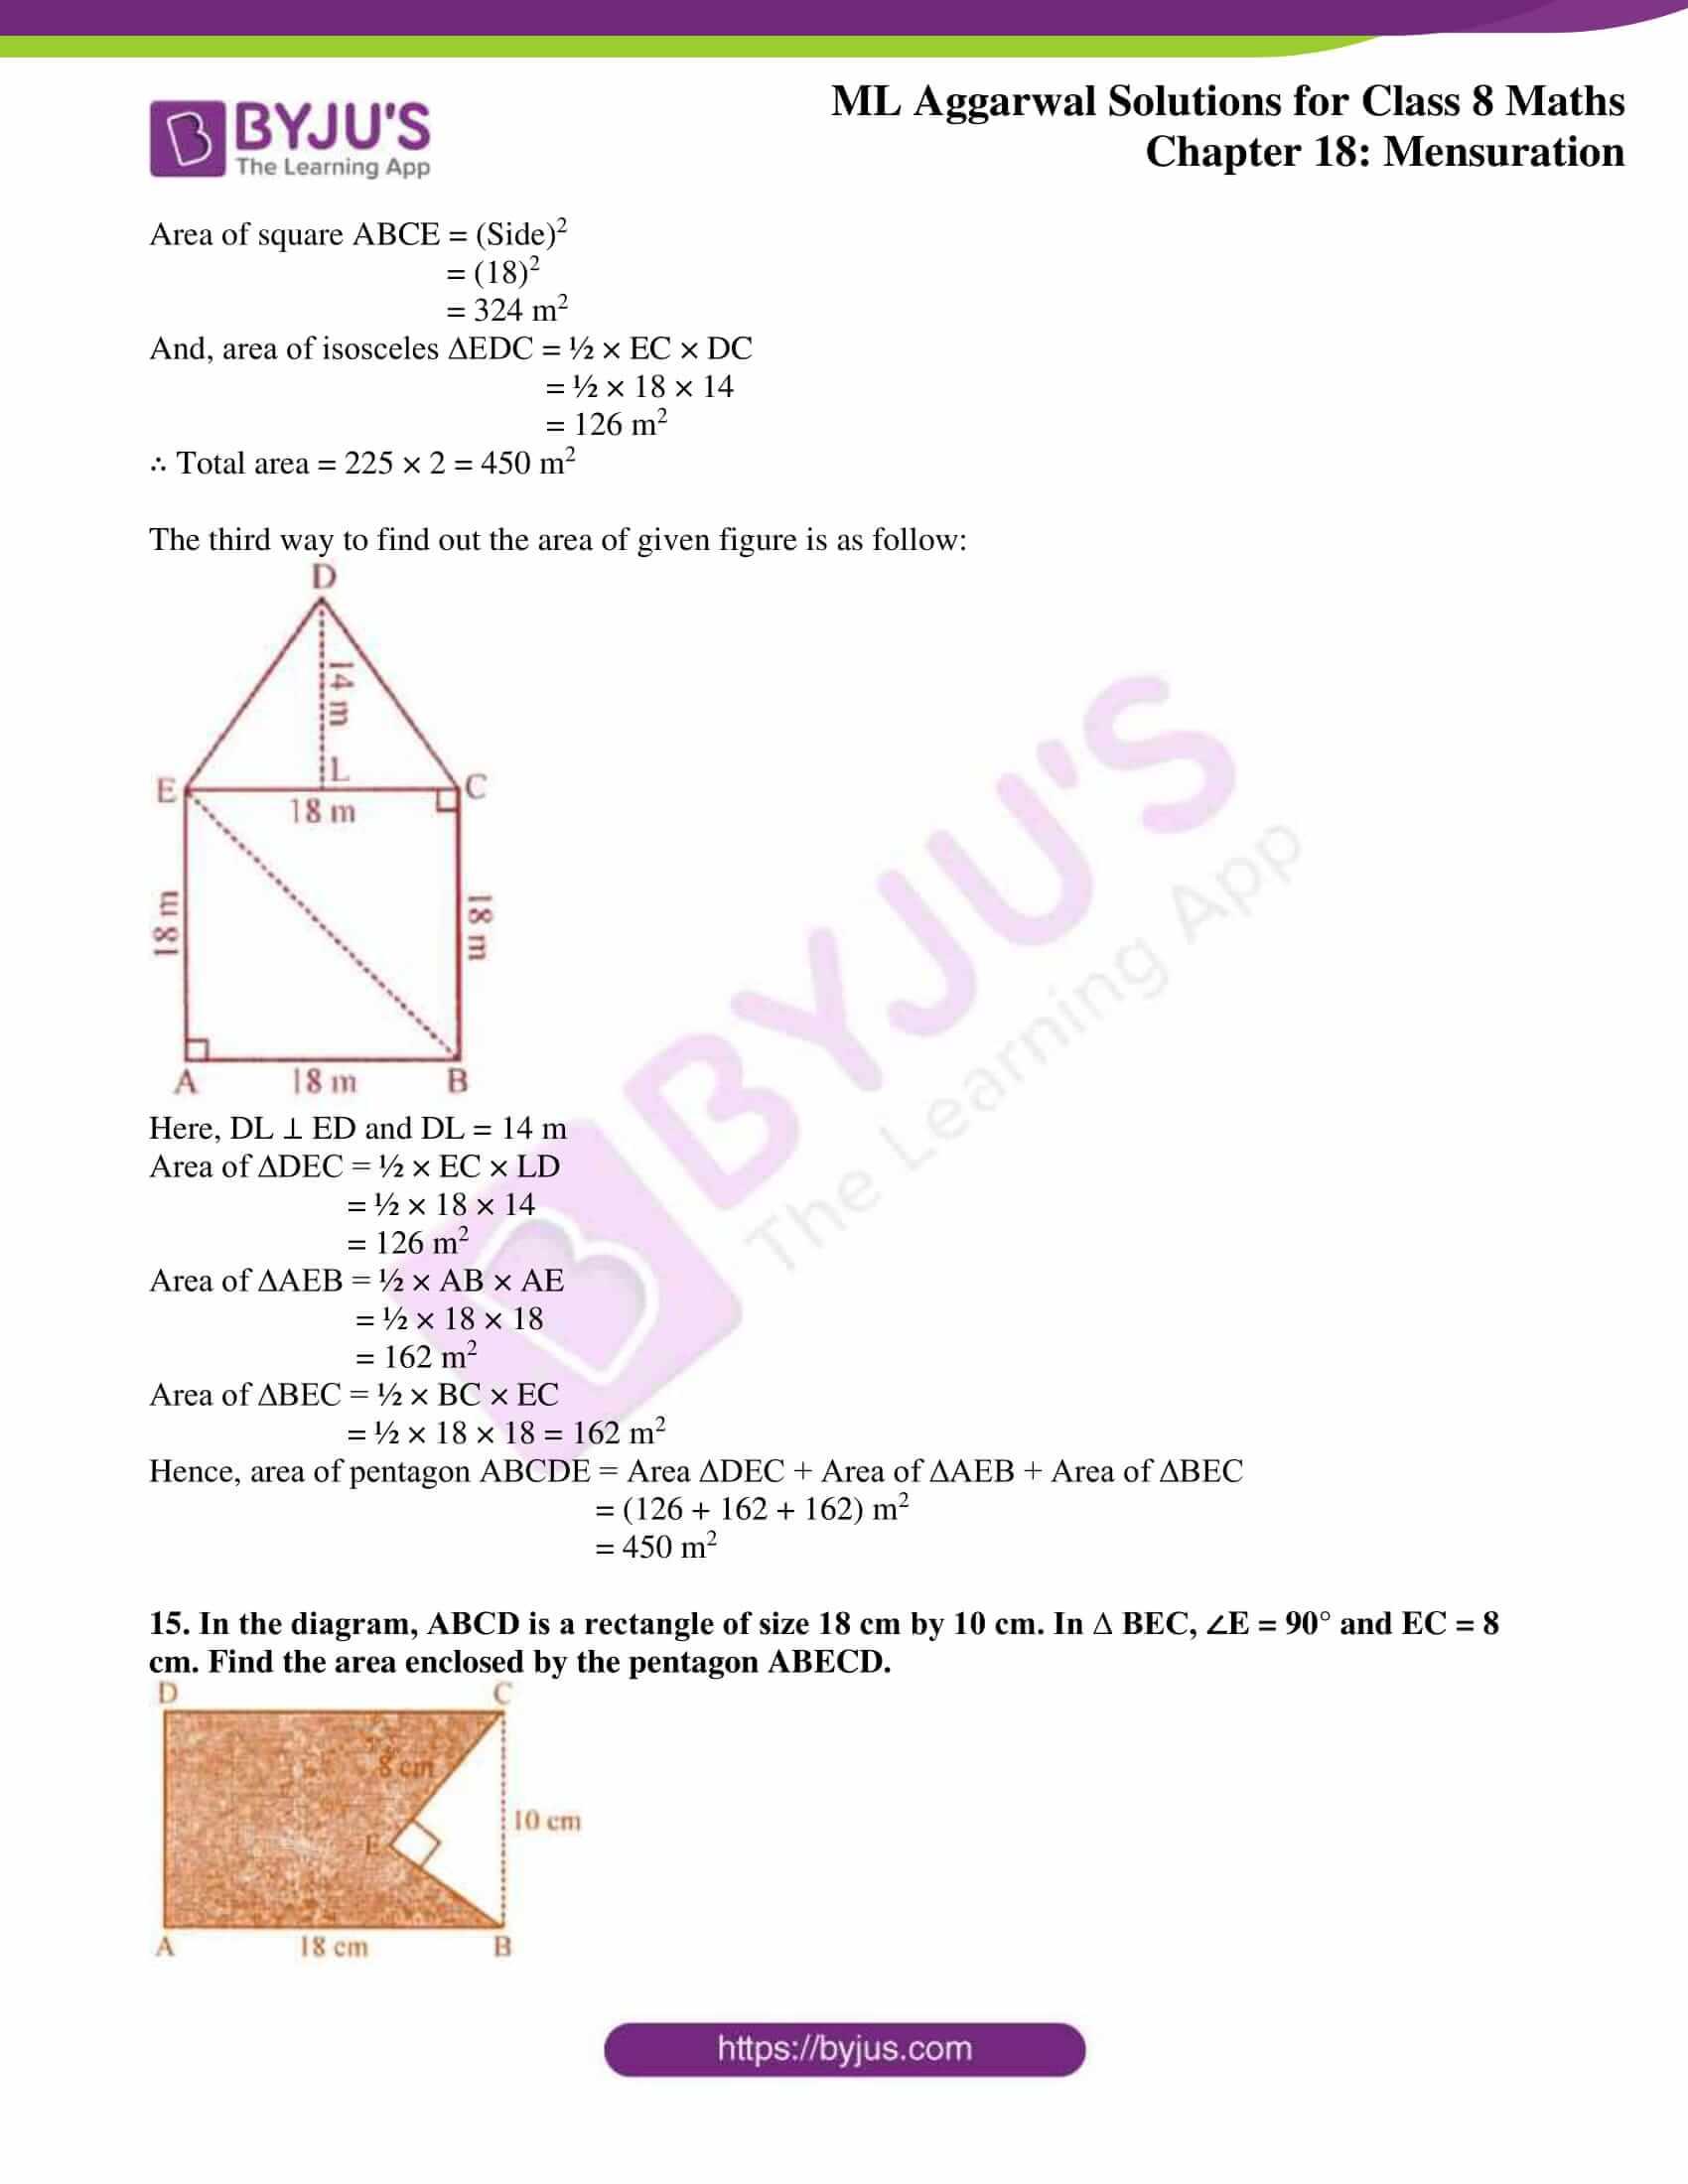 ml aggarwal sol mathematics class 8 ch 18 17